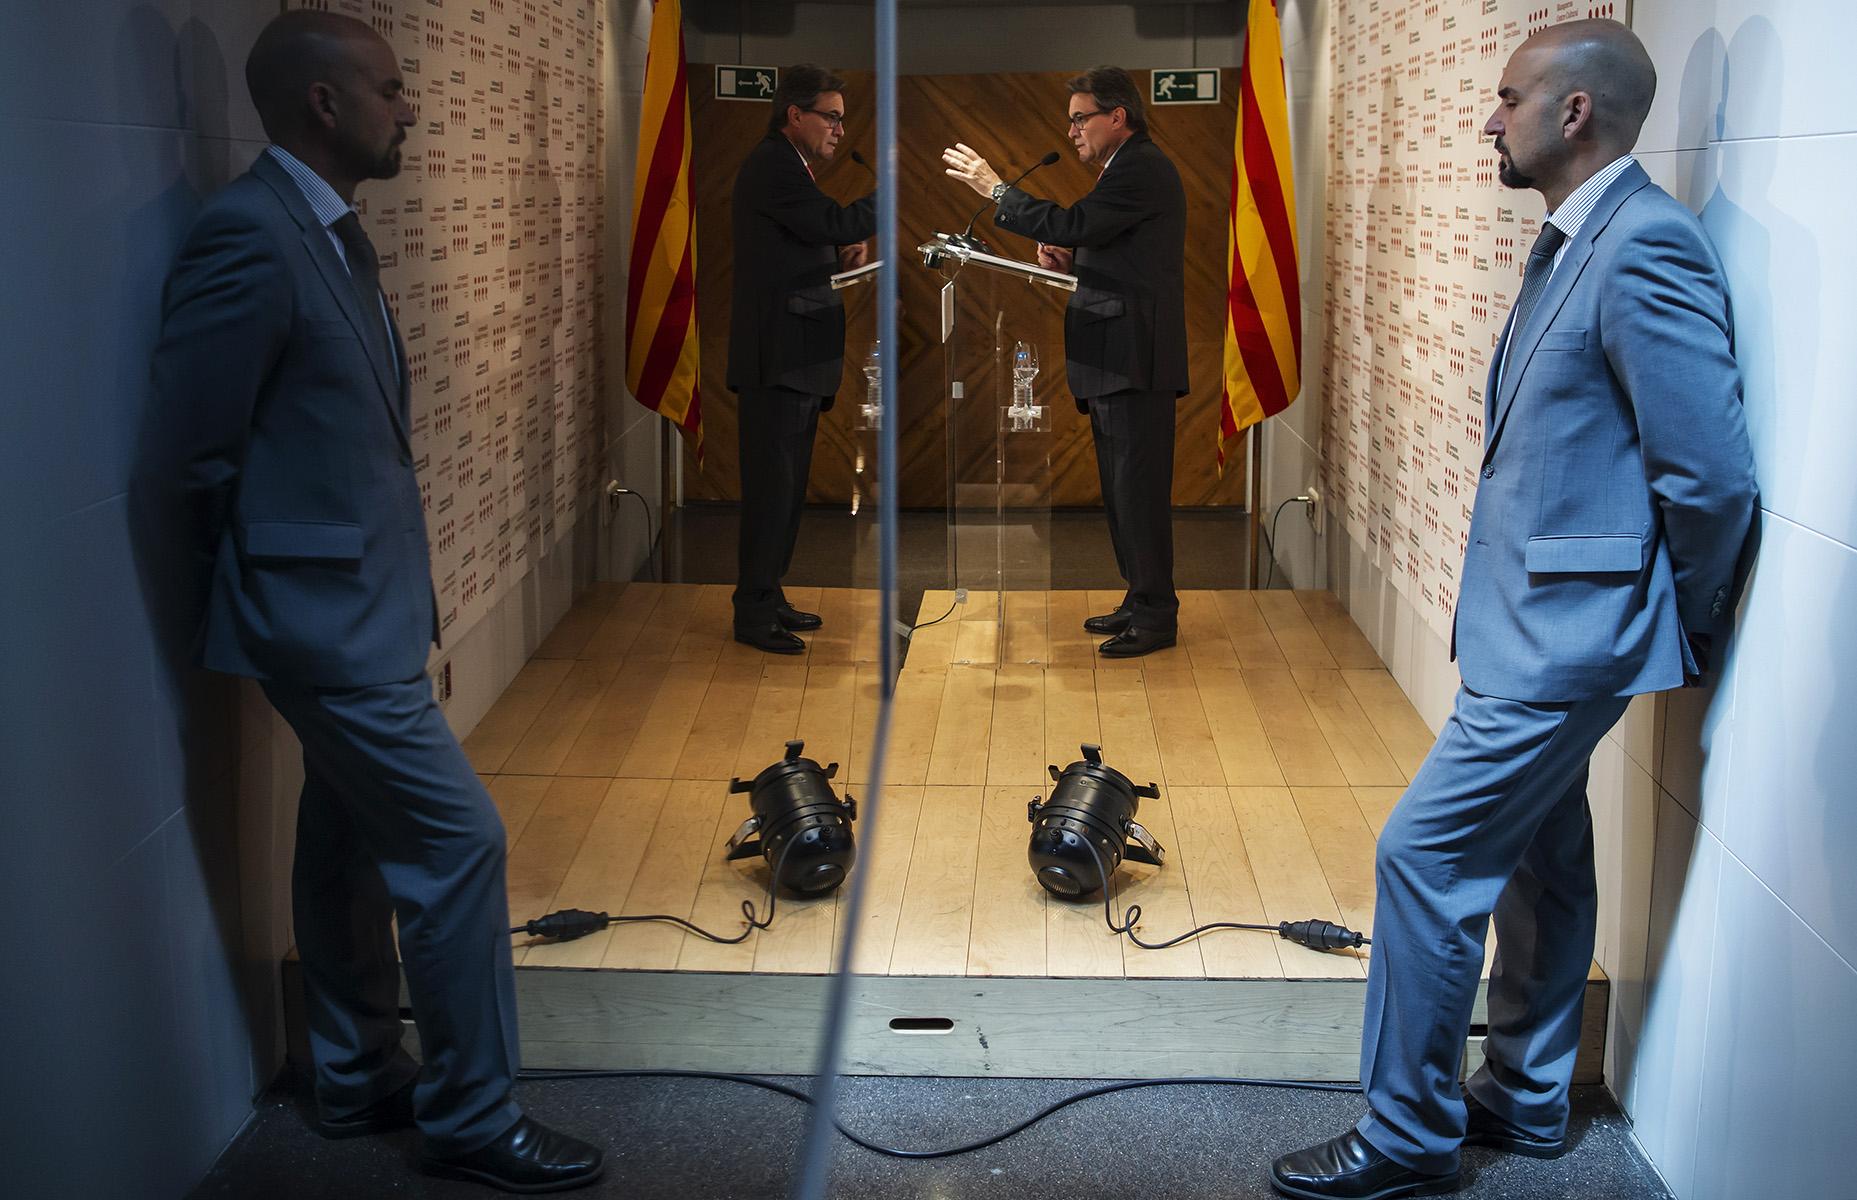 Rueda de prensa en la librería Blanquerna posterior al encuentro entre el Presidente del Gobierno, Mariano Rajoy y el Presidente de la Generalitat, Artur Mas en el Palacio de la Moncloa© Alberto R. Roldan /  Razon30 07 2014